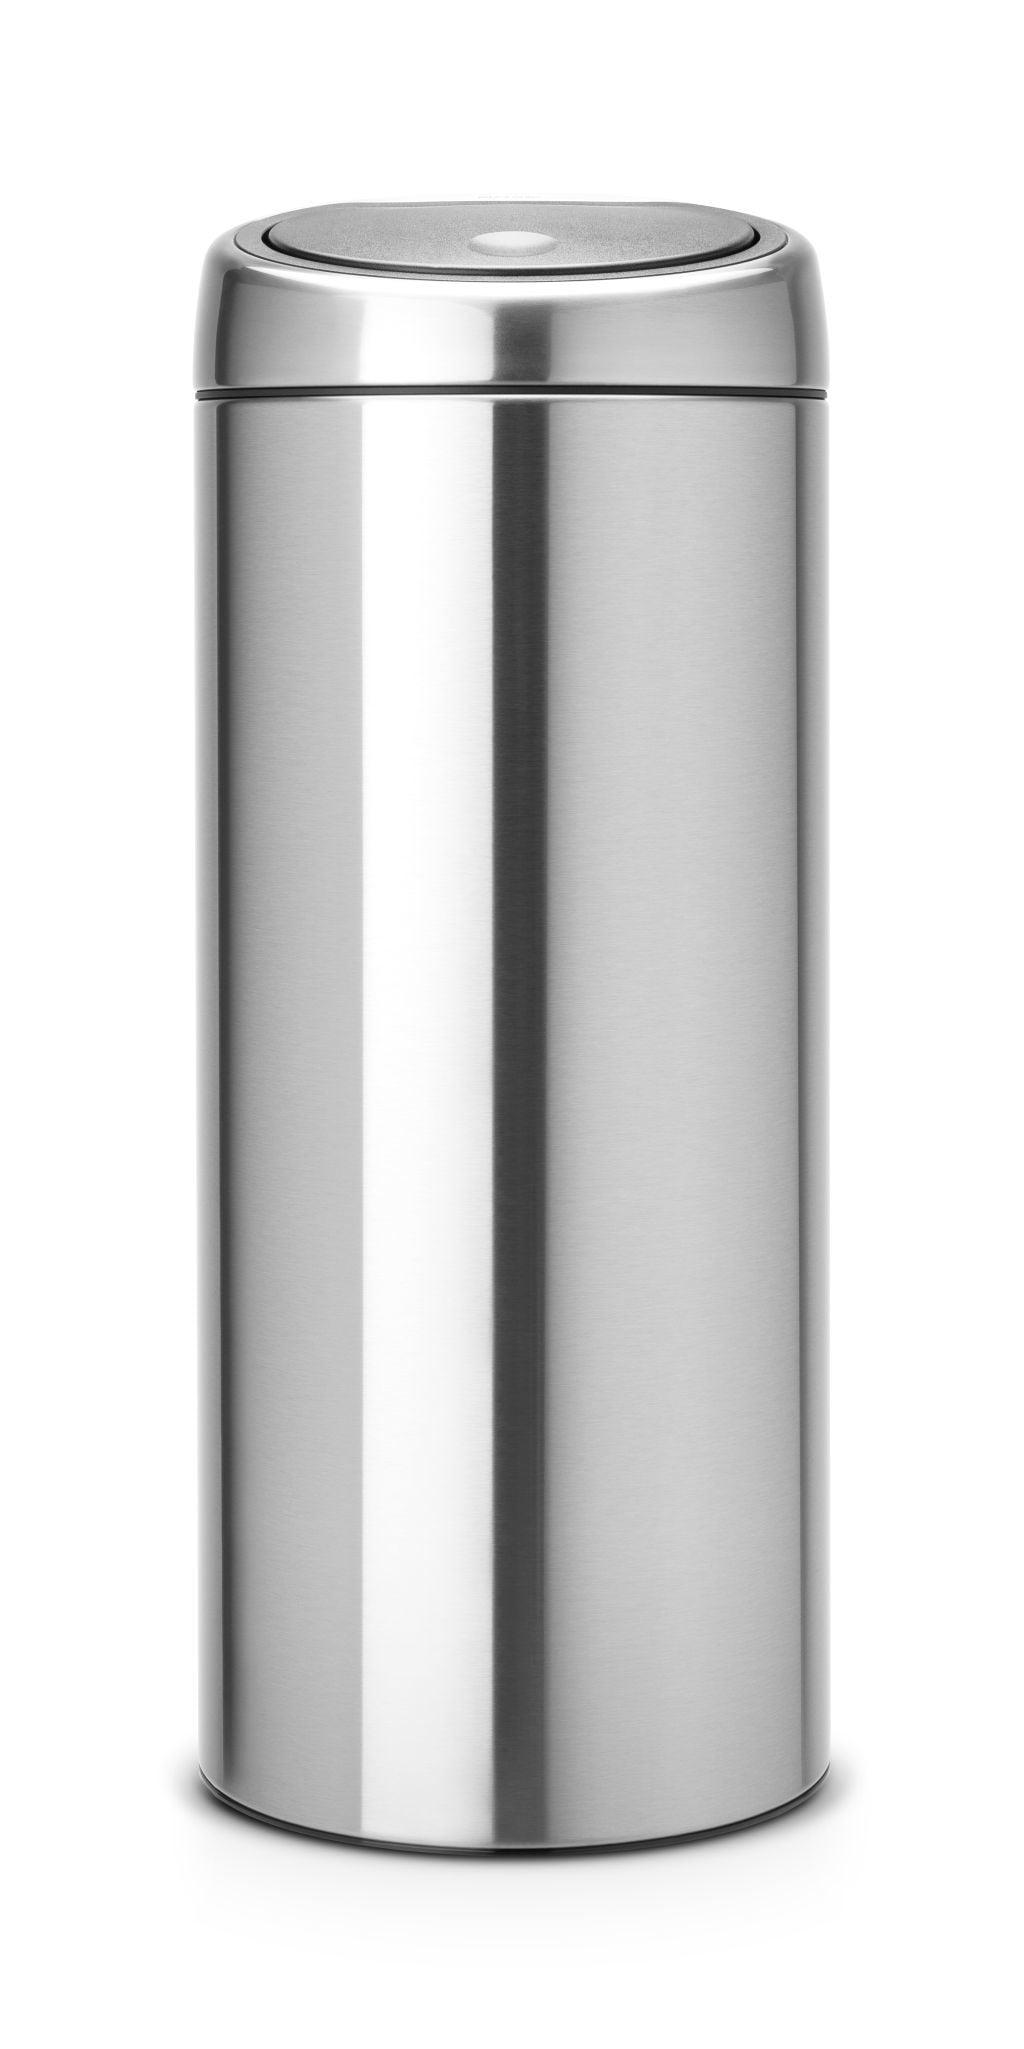 Brabantia Touch Bin Afvalverzamelaar 30 Liter.Brabantia Afvalverzamelaar 30 Liter Touch Bin Matt Steel Brabantia Afvalverzamelaar 30 Liter Touch Bin Matt Steel